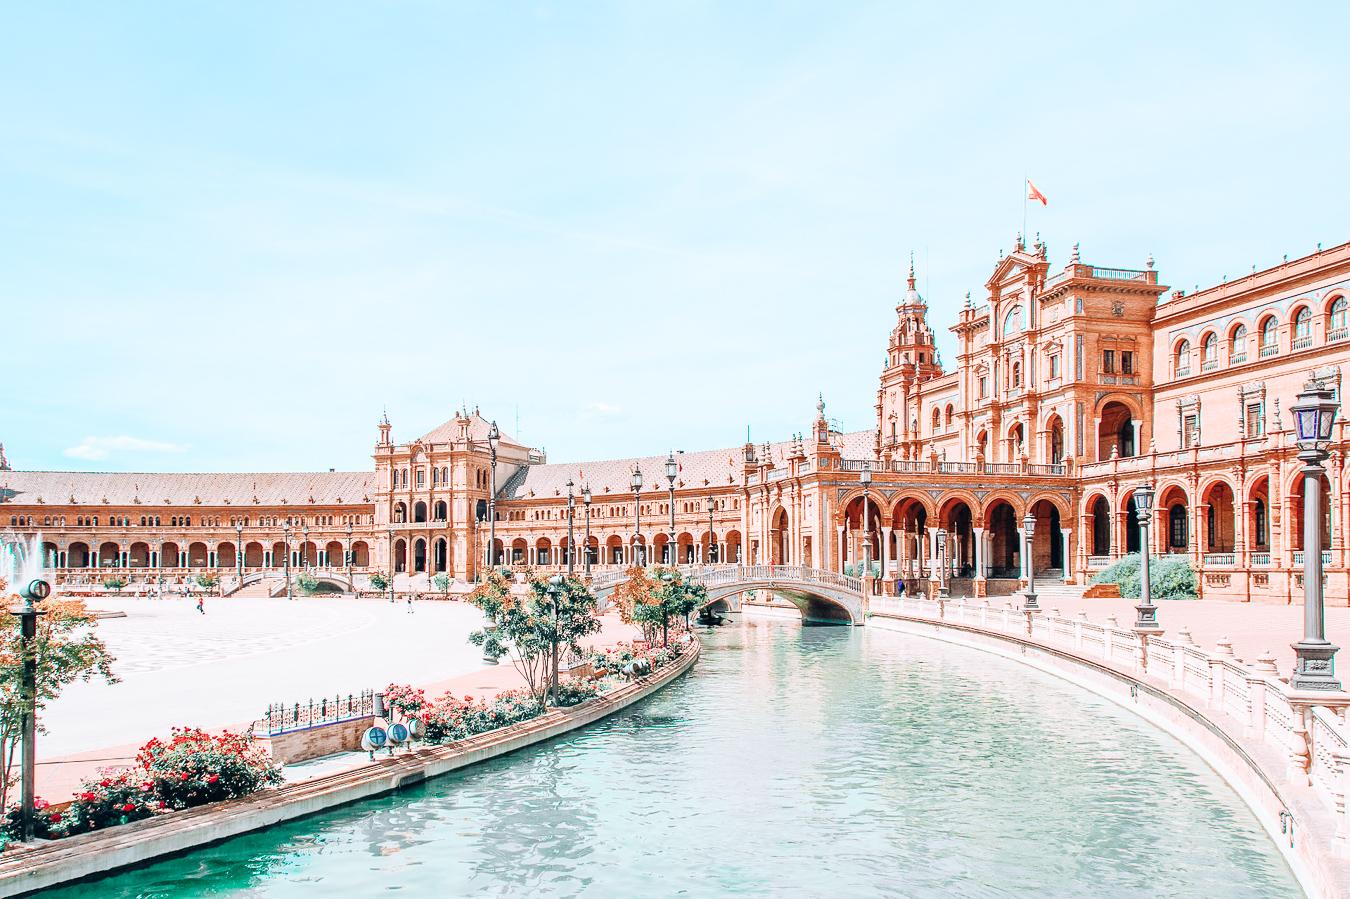 Plaza de España in Seville